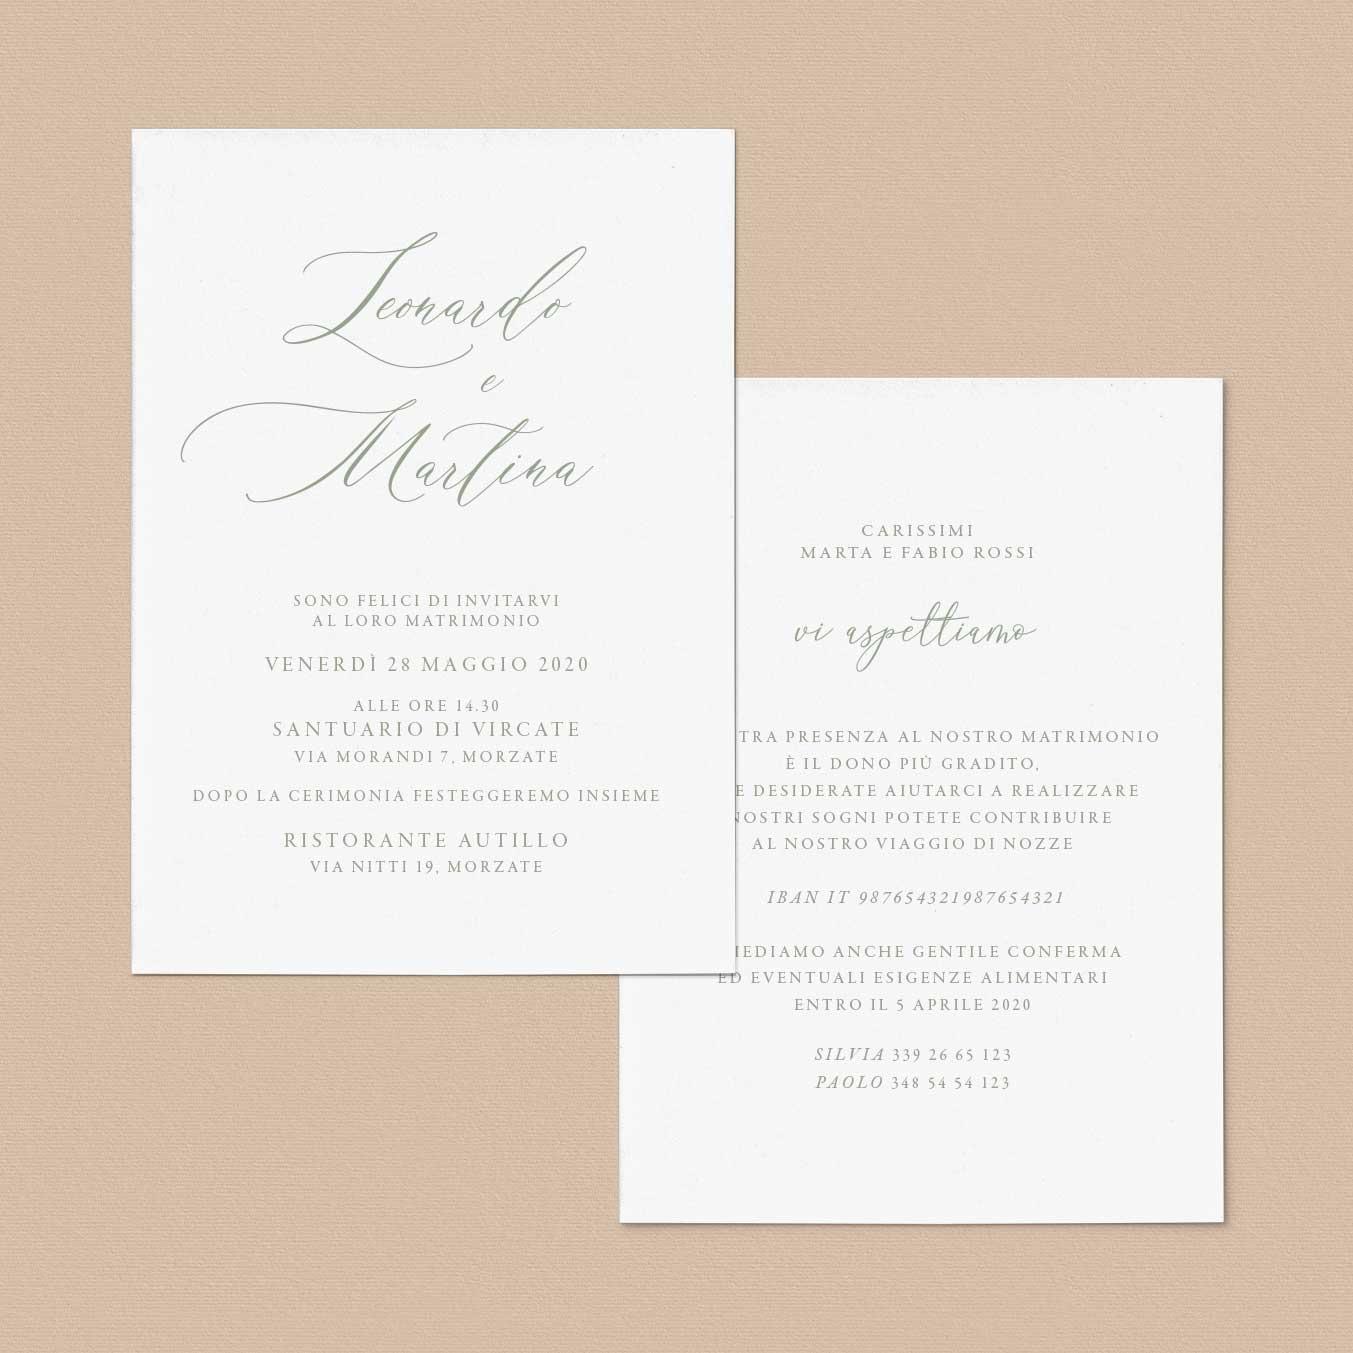 Partecipazioni-matrimonio-inviti-nozze-eleganti-elegante-raffinate-idee-fai-da-te-cartoncino-idee-online-verde-rustico-rustic-particolari-esempio